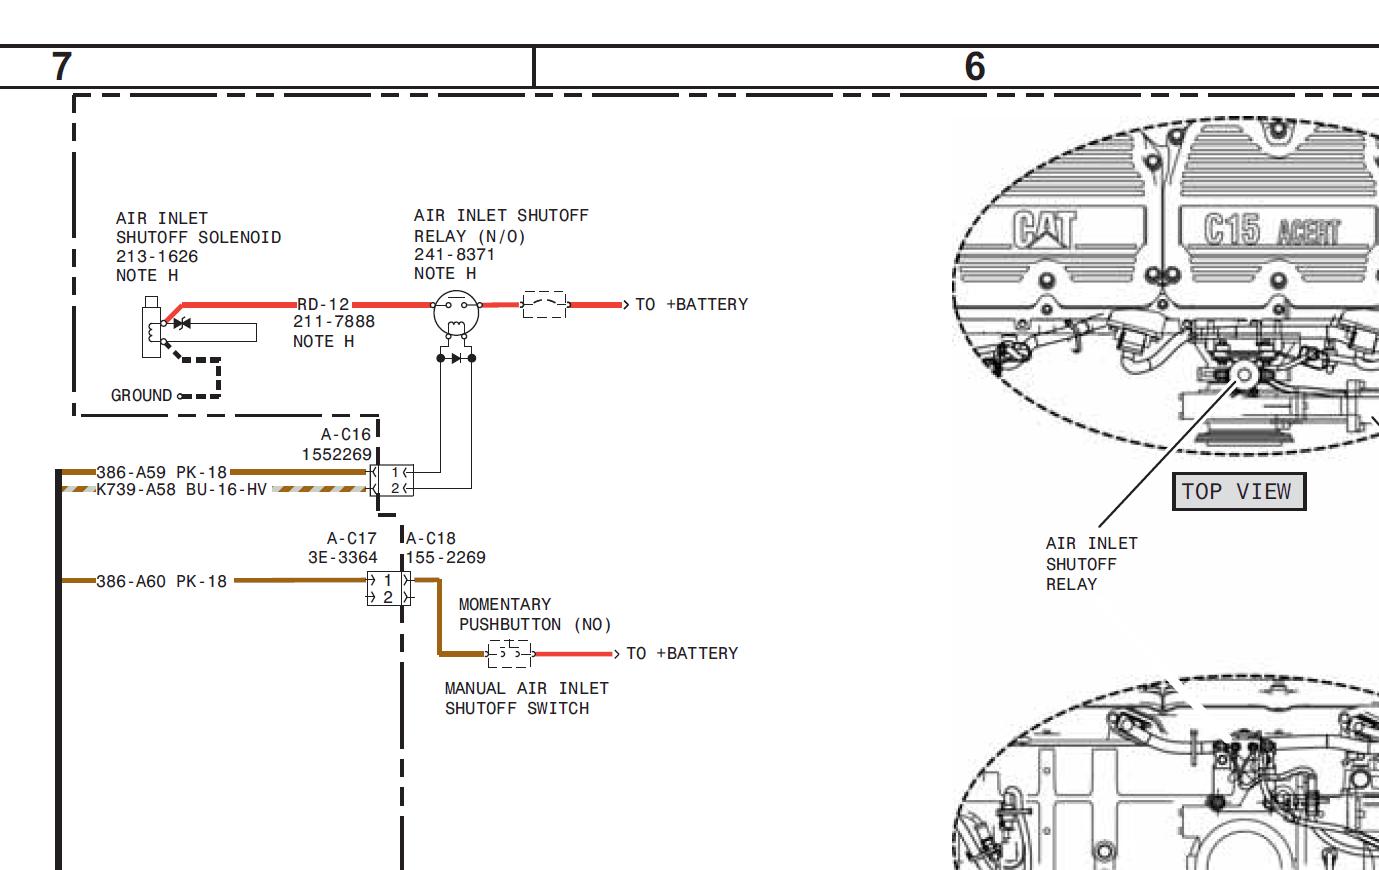 Wunderbar Caterpillar C15 Schaltplan Ideen - Die Besten Elektrischen ...